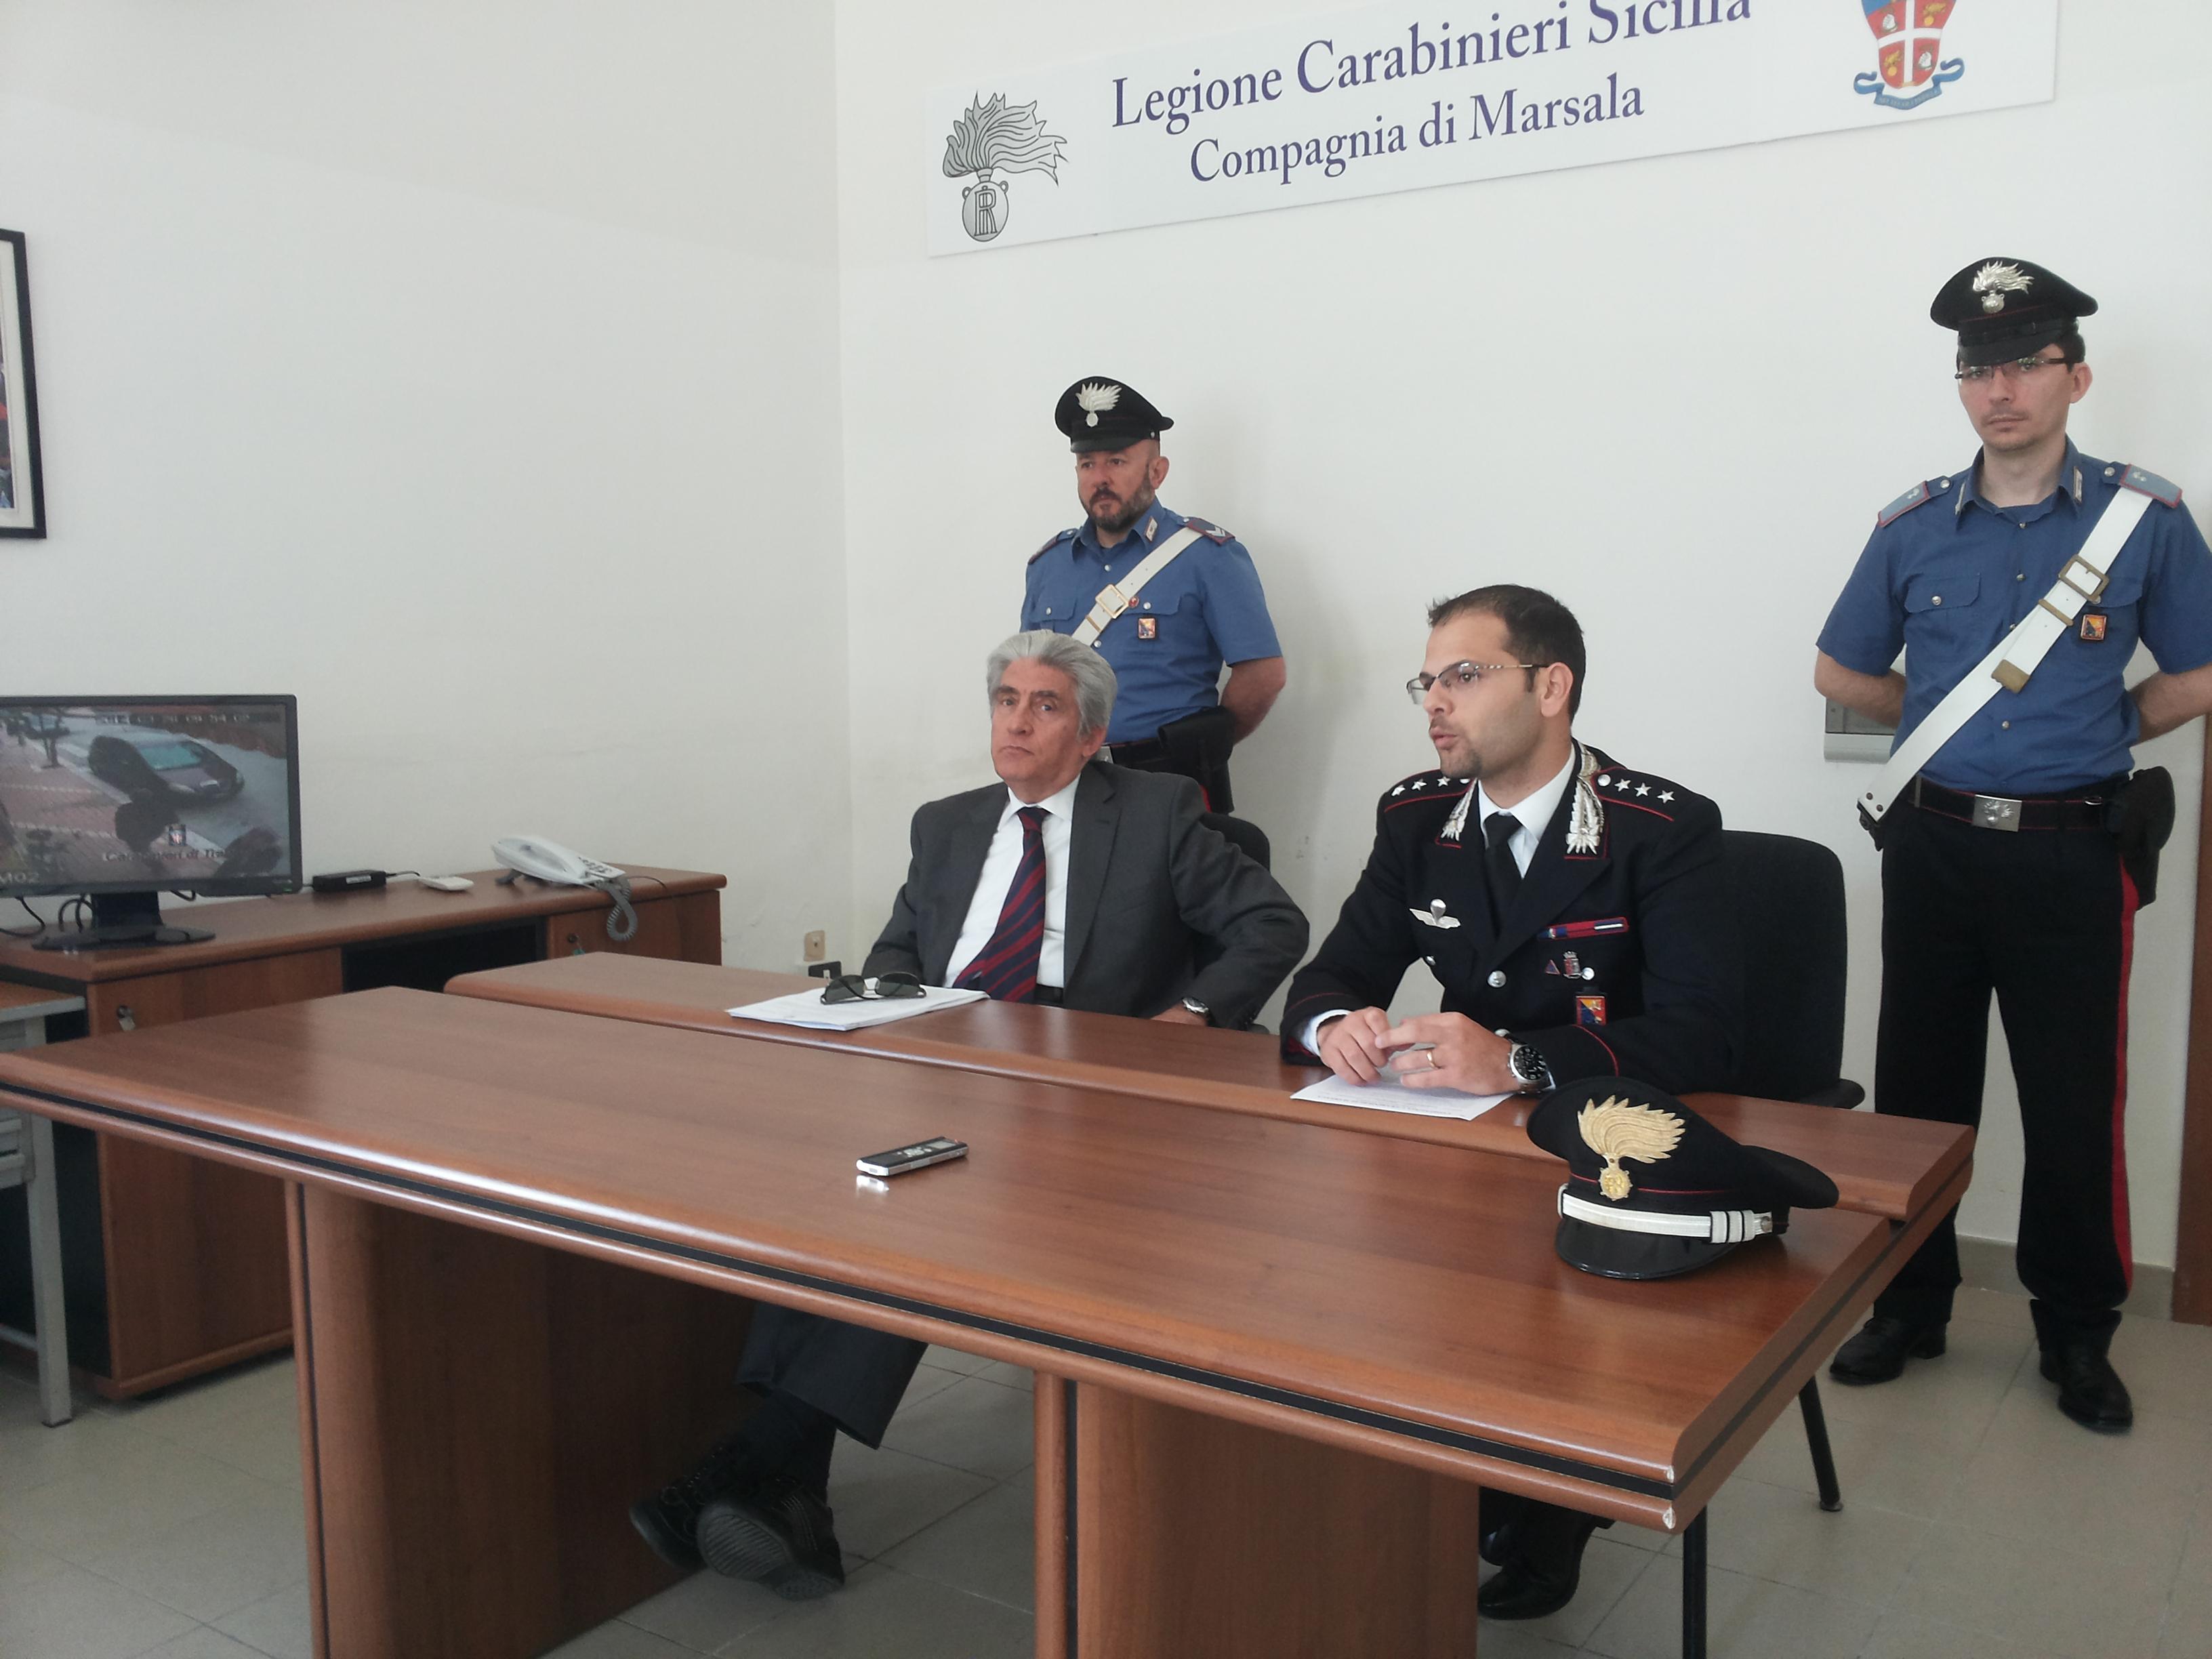 Carabinieri: conclusa l'operazione che ha portato all'arresto dei responsabili della sparatoria ai danni di Giovanni Angileri